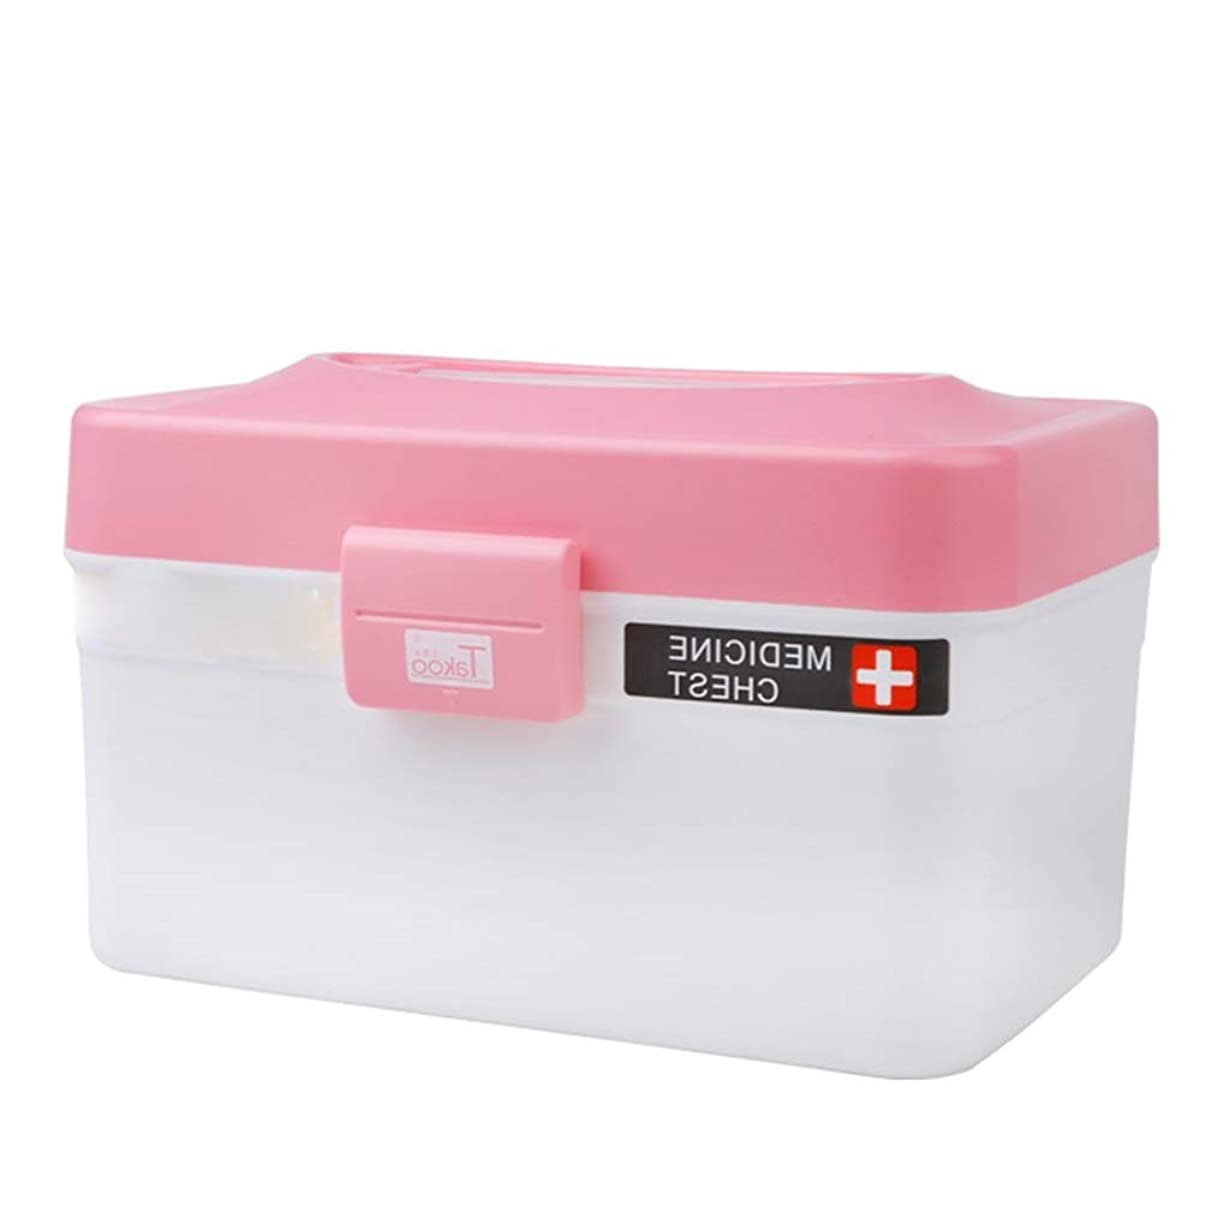 積分名前を作る生むYQCS●LS 家庭用薬品収納箱厚手のプラスチック製薬品雑貨収納箱キッチンバスルーム雑貨収納箱化粧品収納箱(色:ピンク)